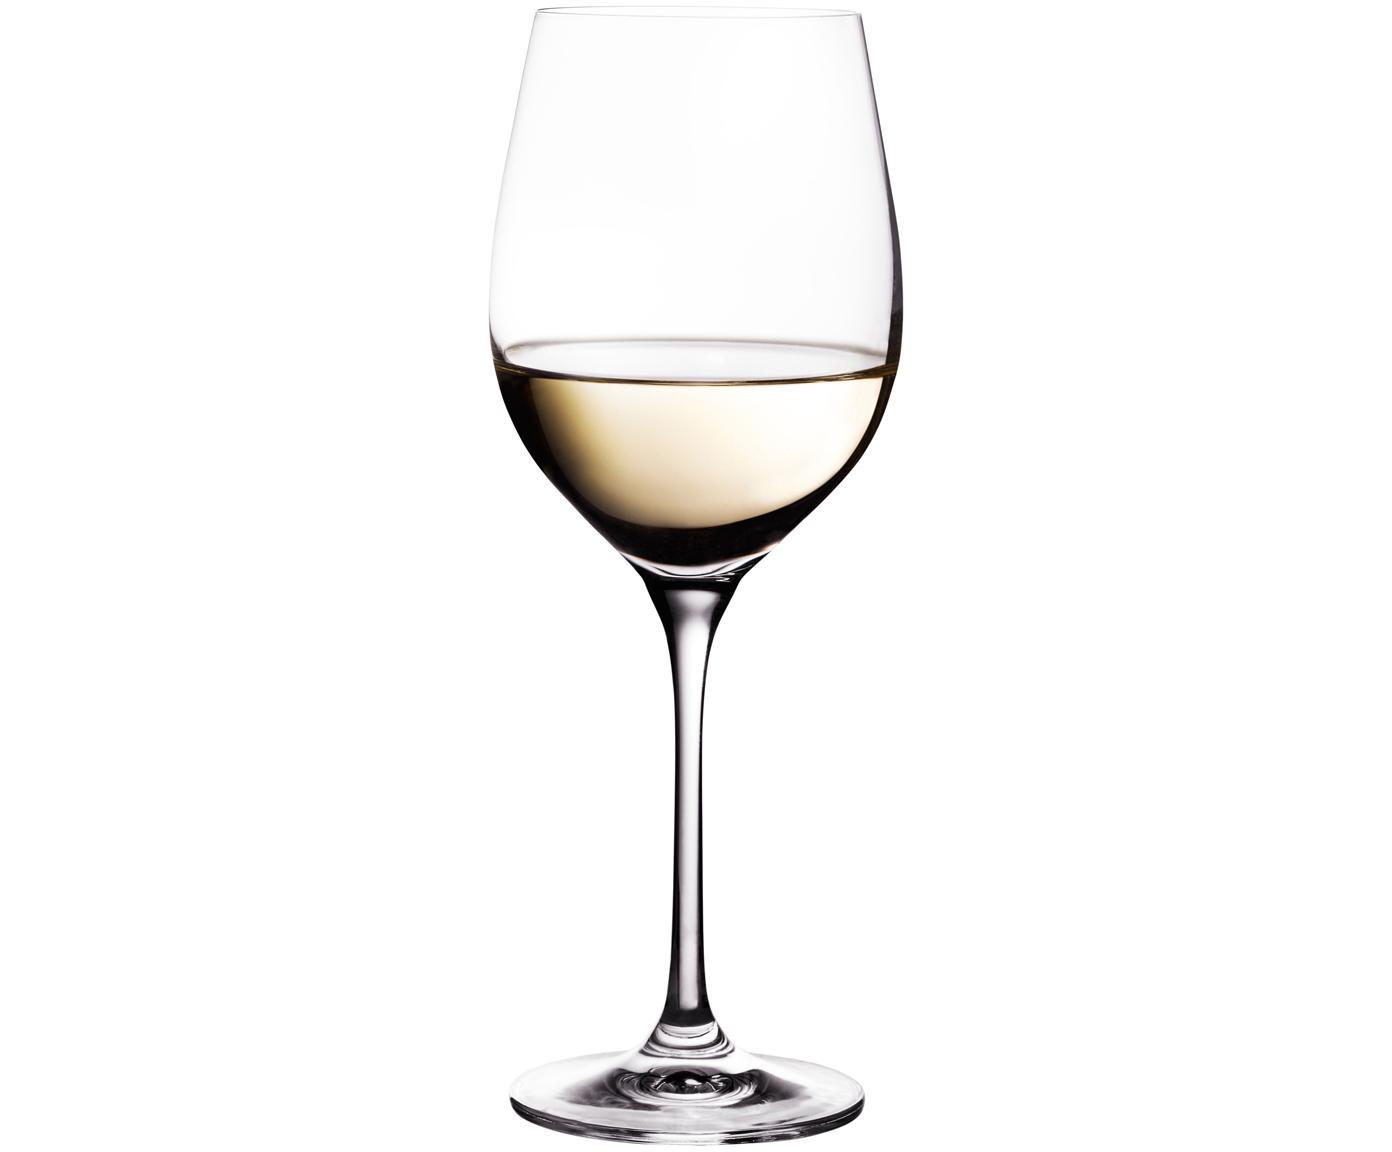 Bicchiere da vino bianco in cristallo  Harmony 6 pz, La lucentezza più preziosa - il cristallo spezza la luce in entrata in maniera particolarmente intensa. Il risultato è una brillantezza magica che rende ogni degustazione di vini un'esperienza davvero speciale, Trasparente, 390 ml